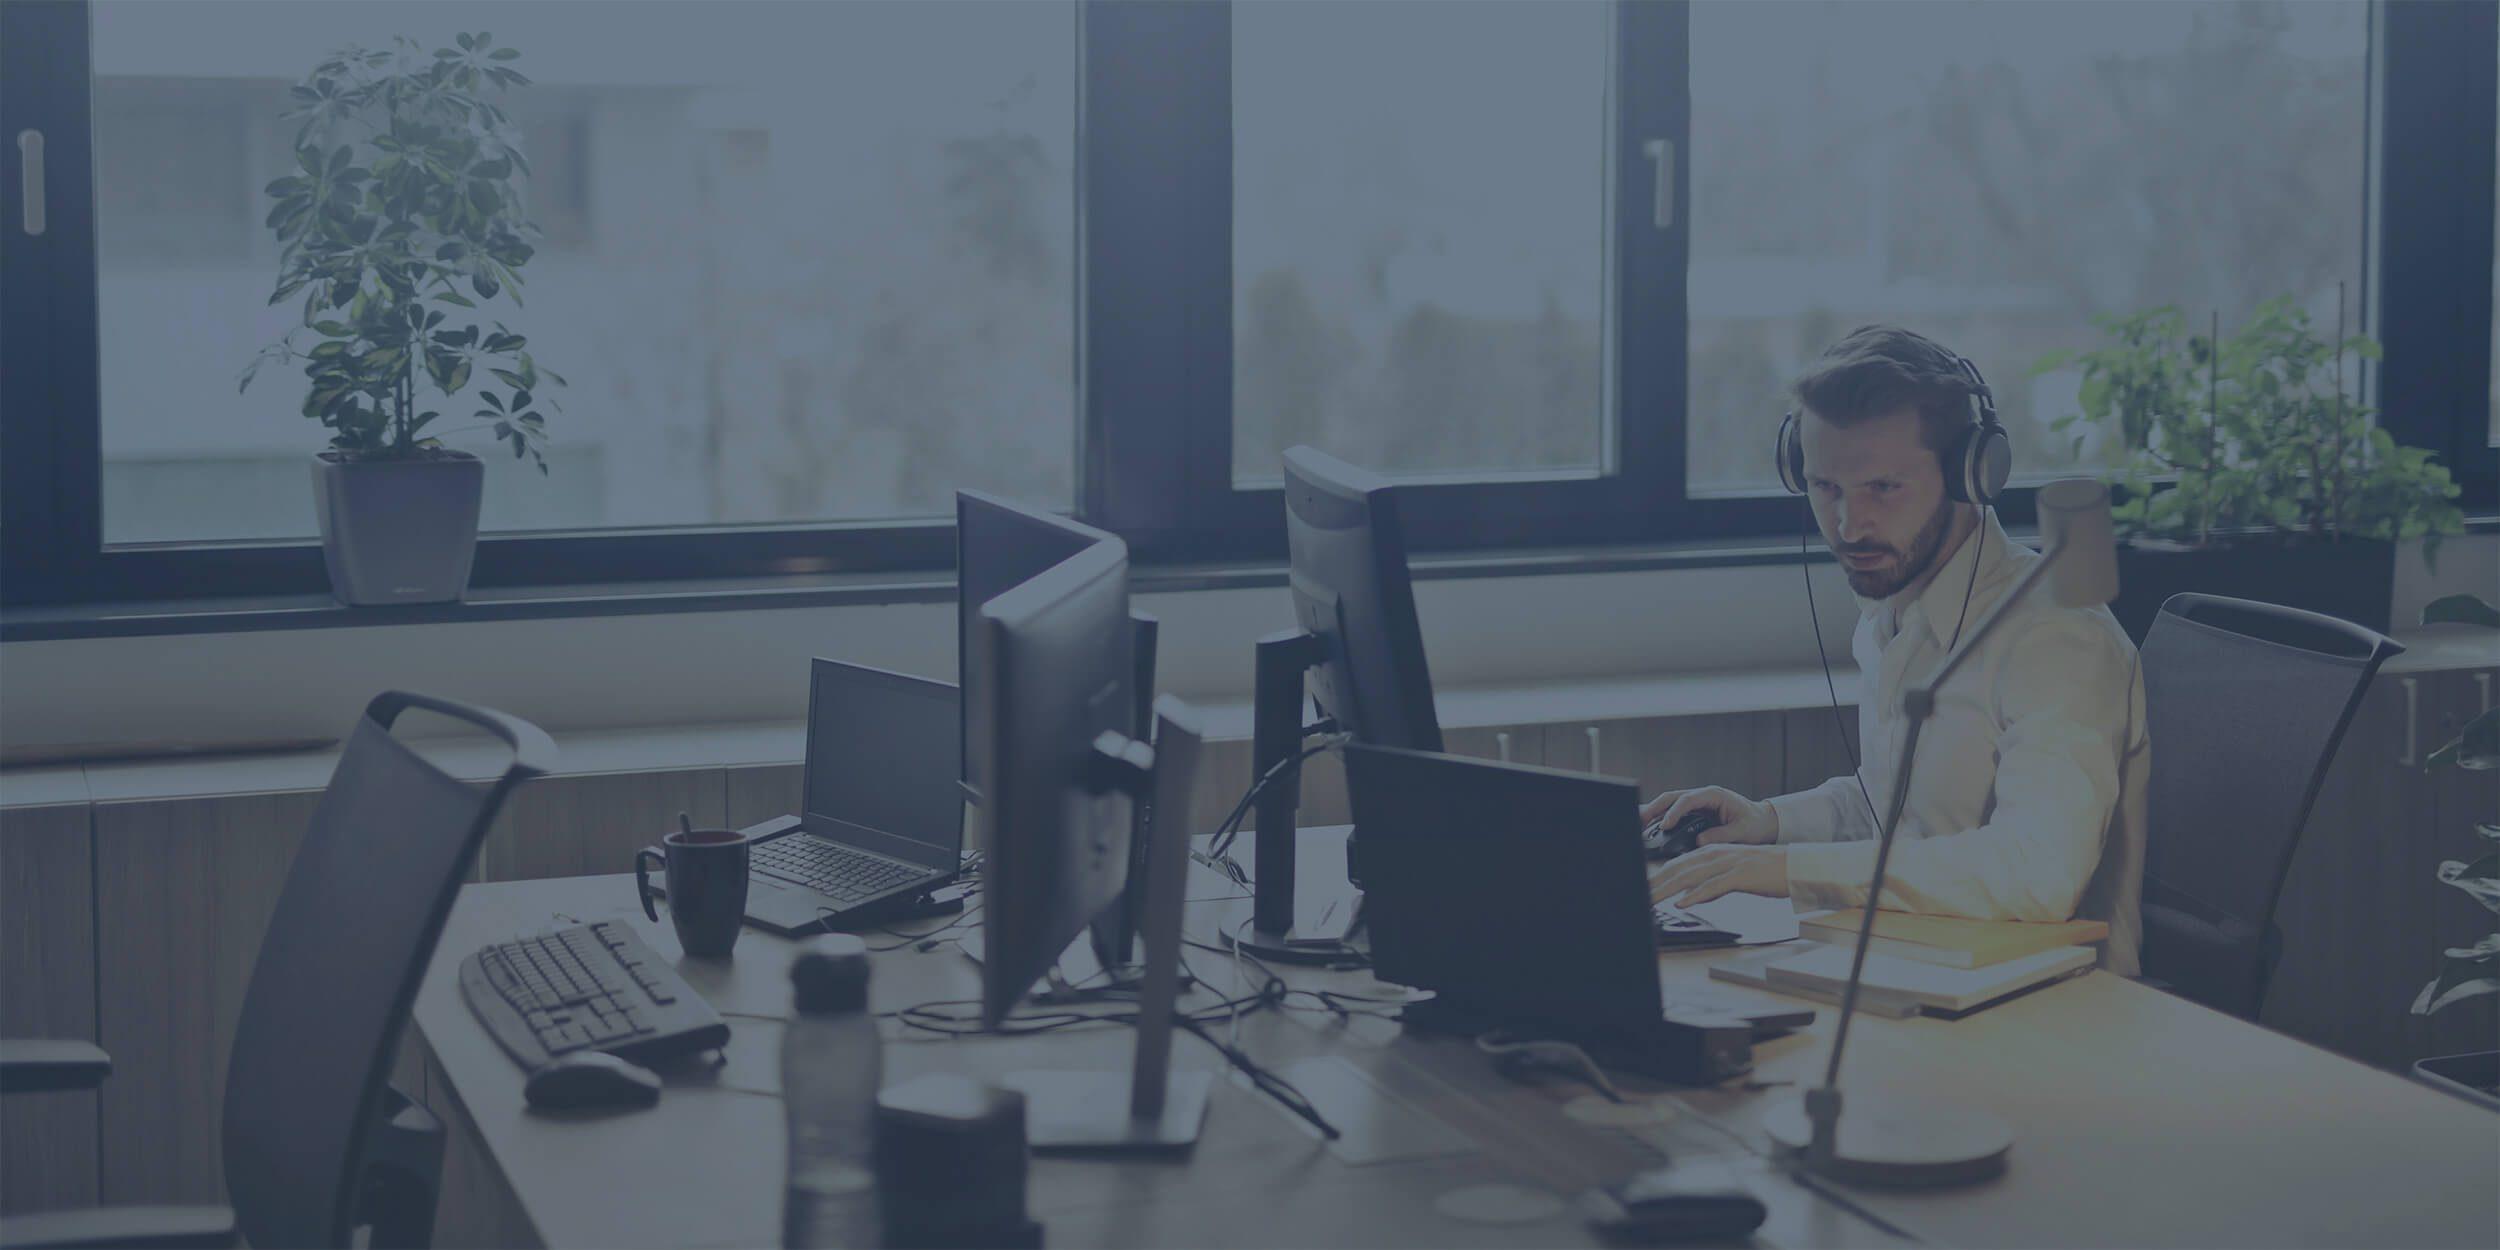 service desk analyst working